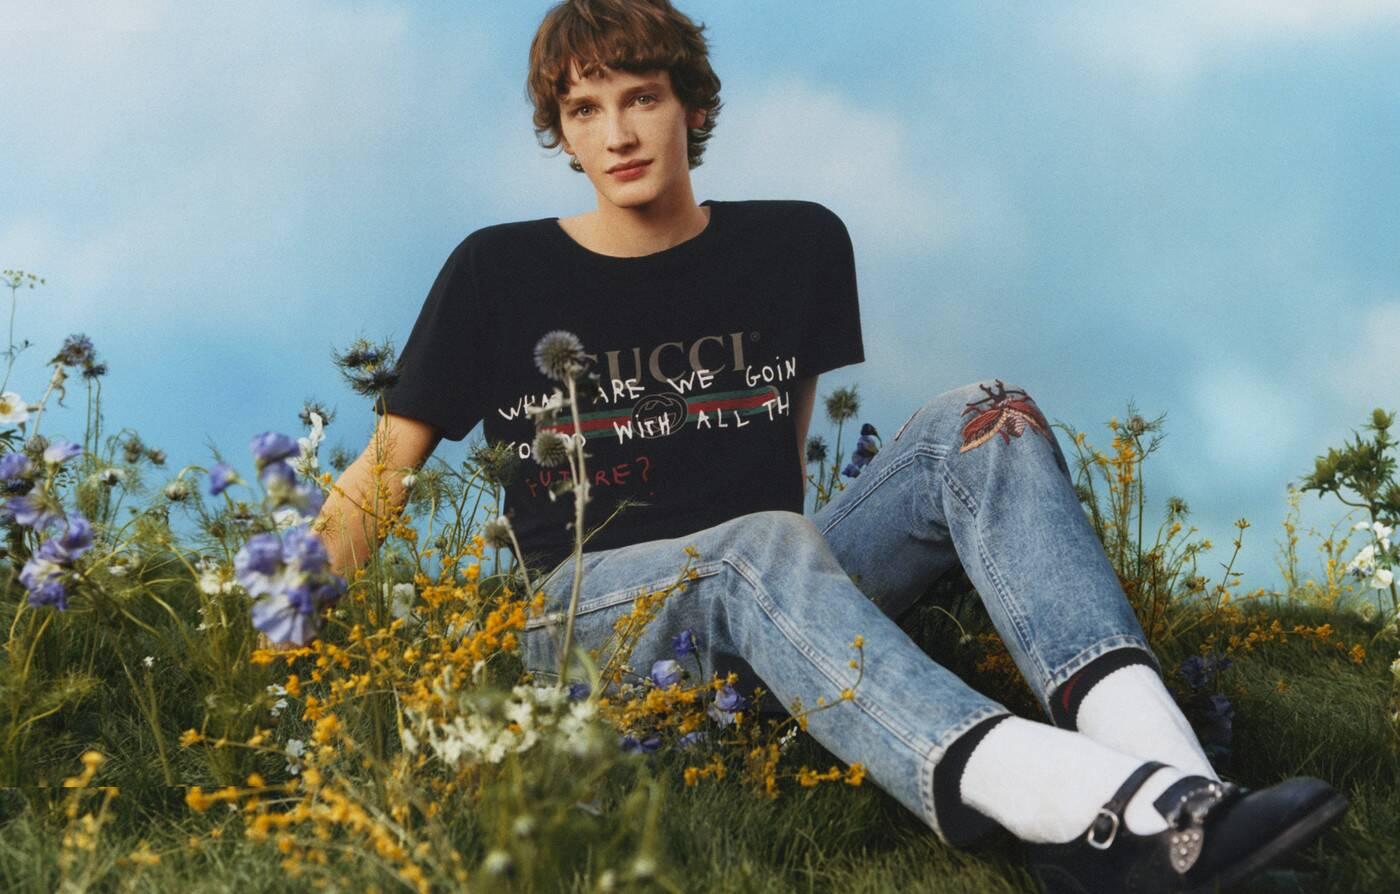 Gucci làm dậy sóng mạng xã hội, kế hoạch truyền thông của nhà mốt Ý? - 7